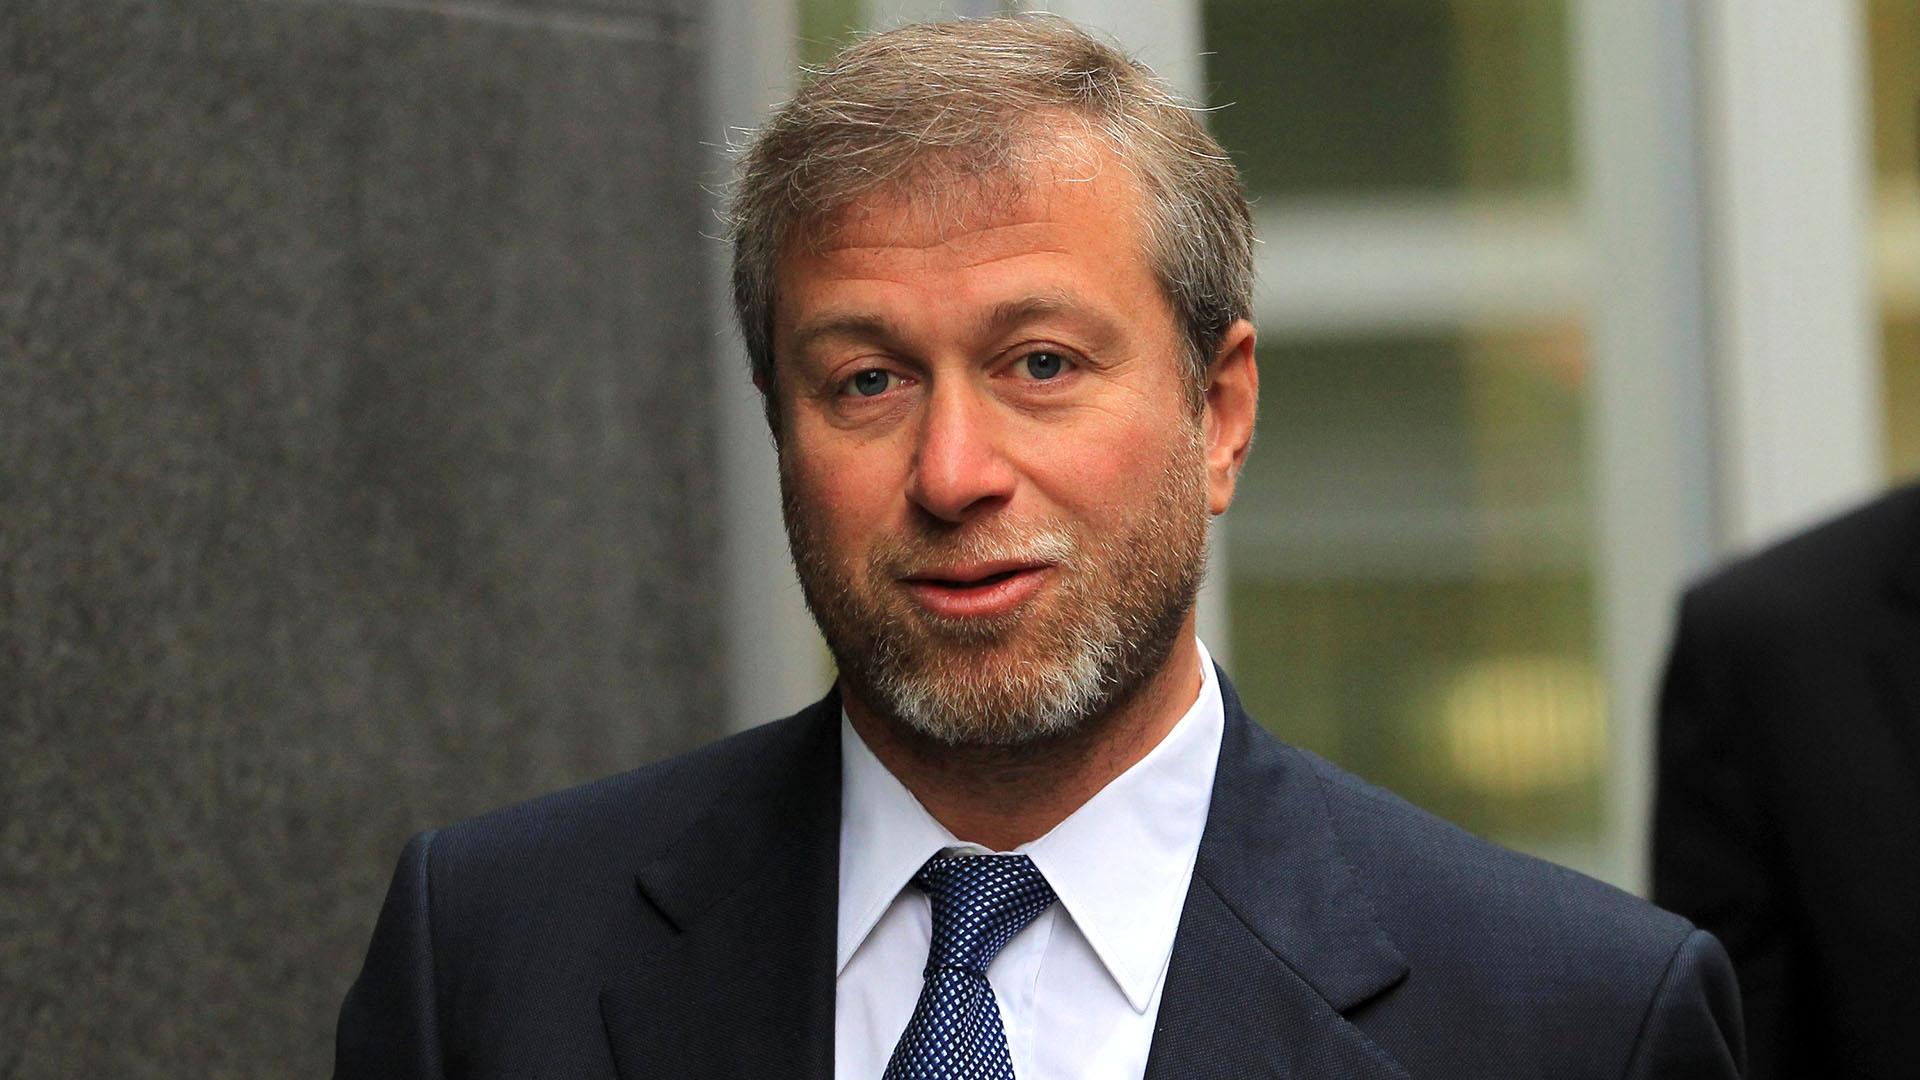 Alguien vio a Roman Abramovich? Por qué el millonario ruso desapareció de  sus lugares habituales en Londres - Infobae